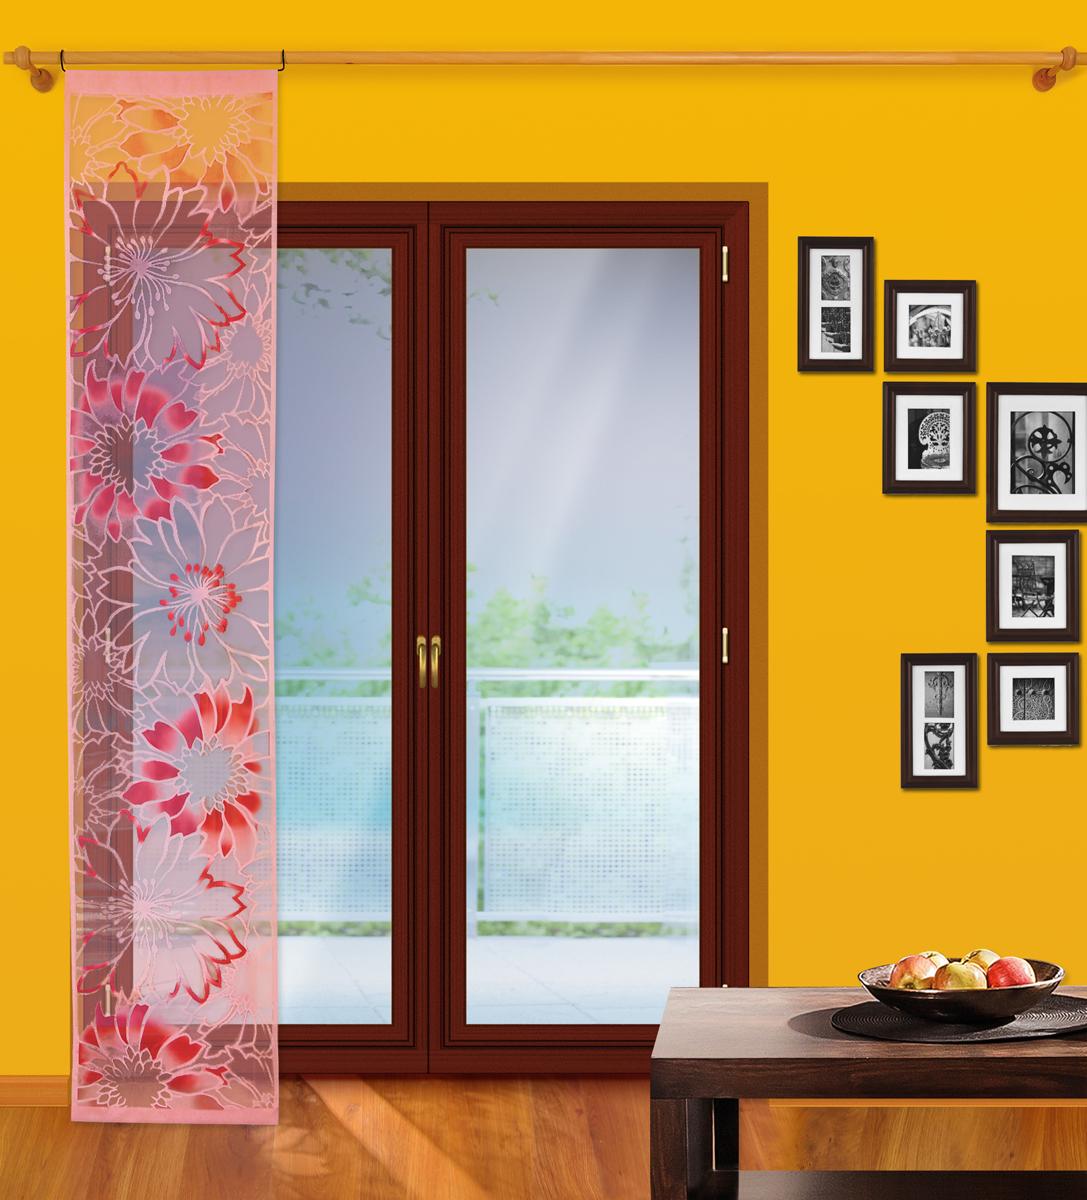 Гардина-панно Wisan, на штанге, цвет: розовый, ширина 50 см, высота 250 см комплект штор wisan цвет коричневый высота 250 см 030w